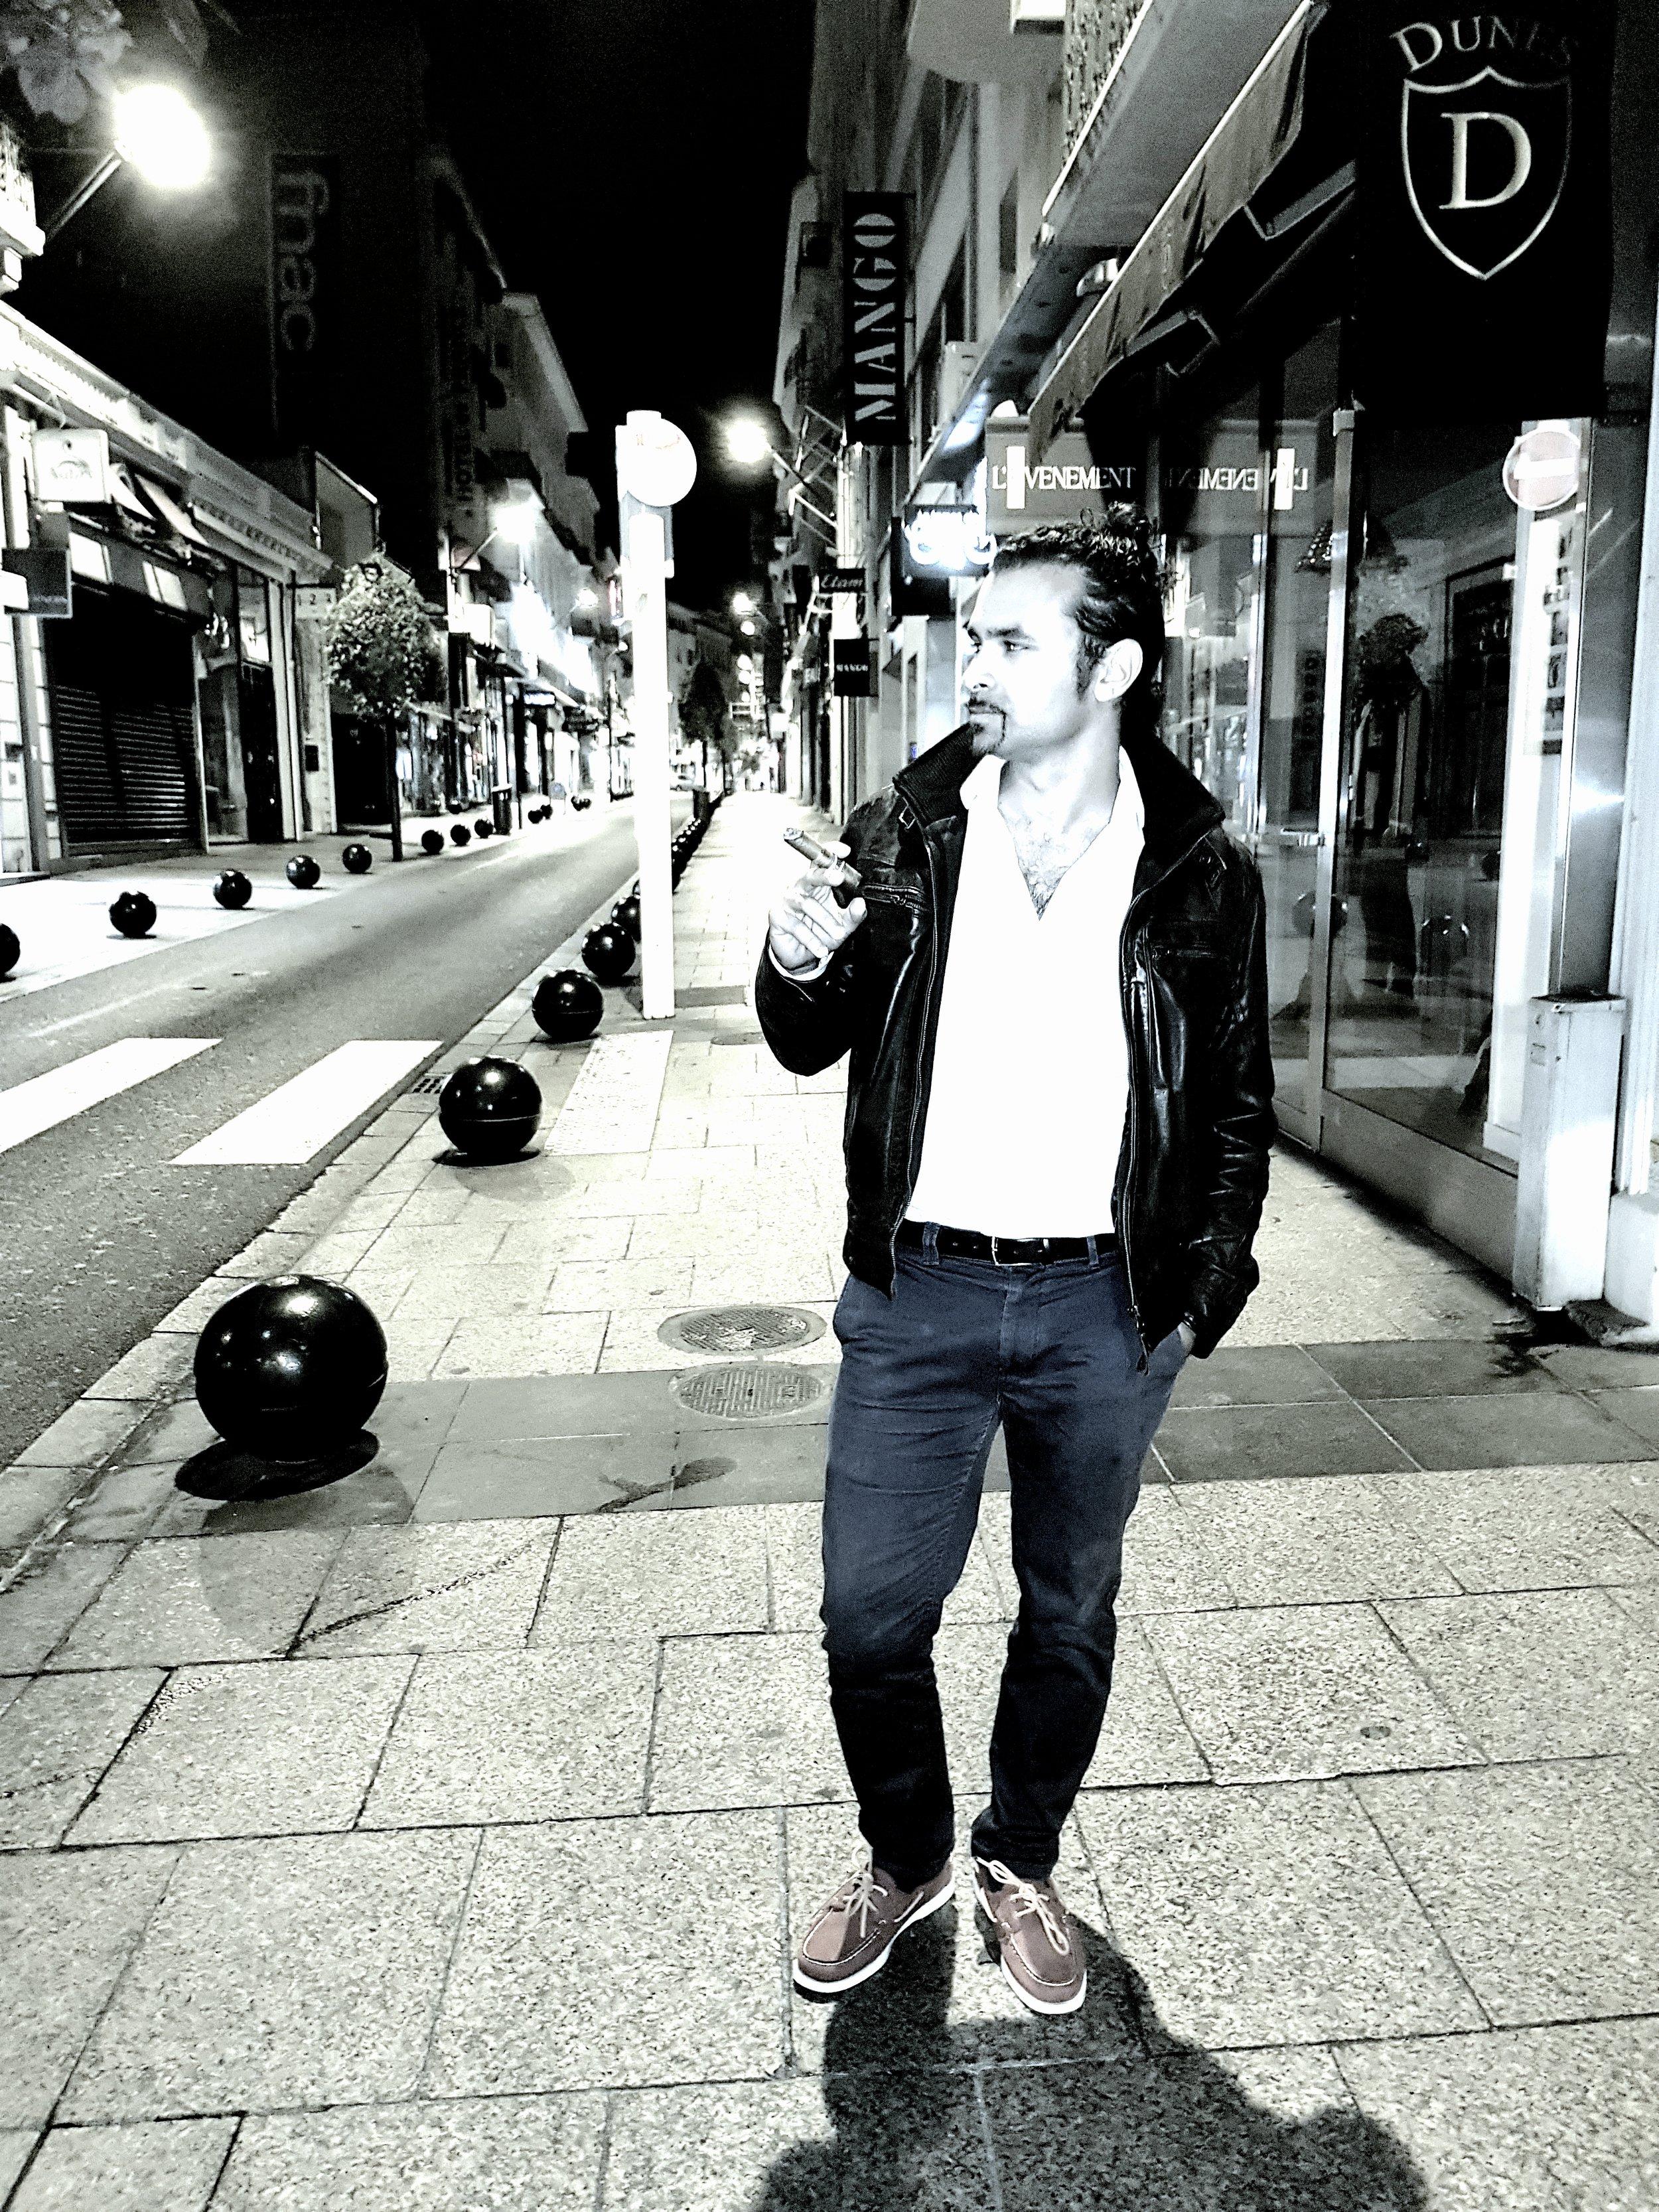 714a15b45e5f-Zakaria_Alaoui__Cannes_Street_.jpg